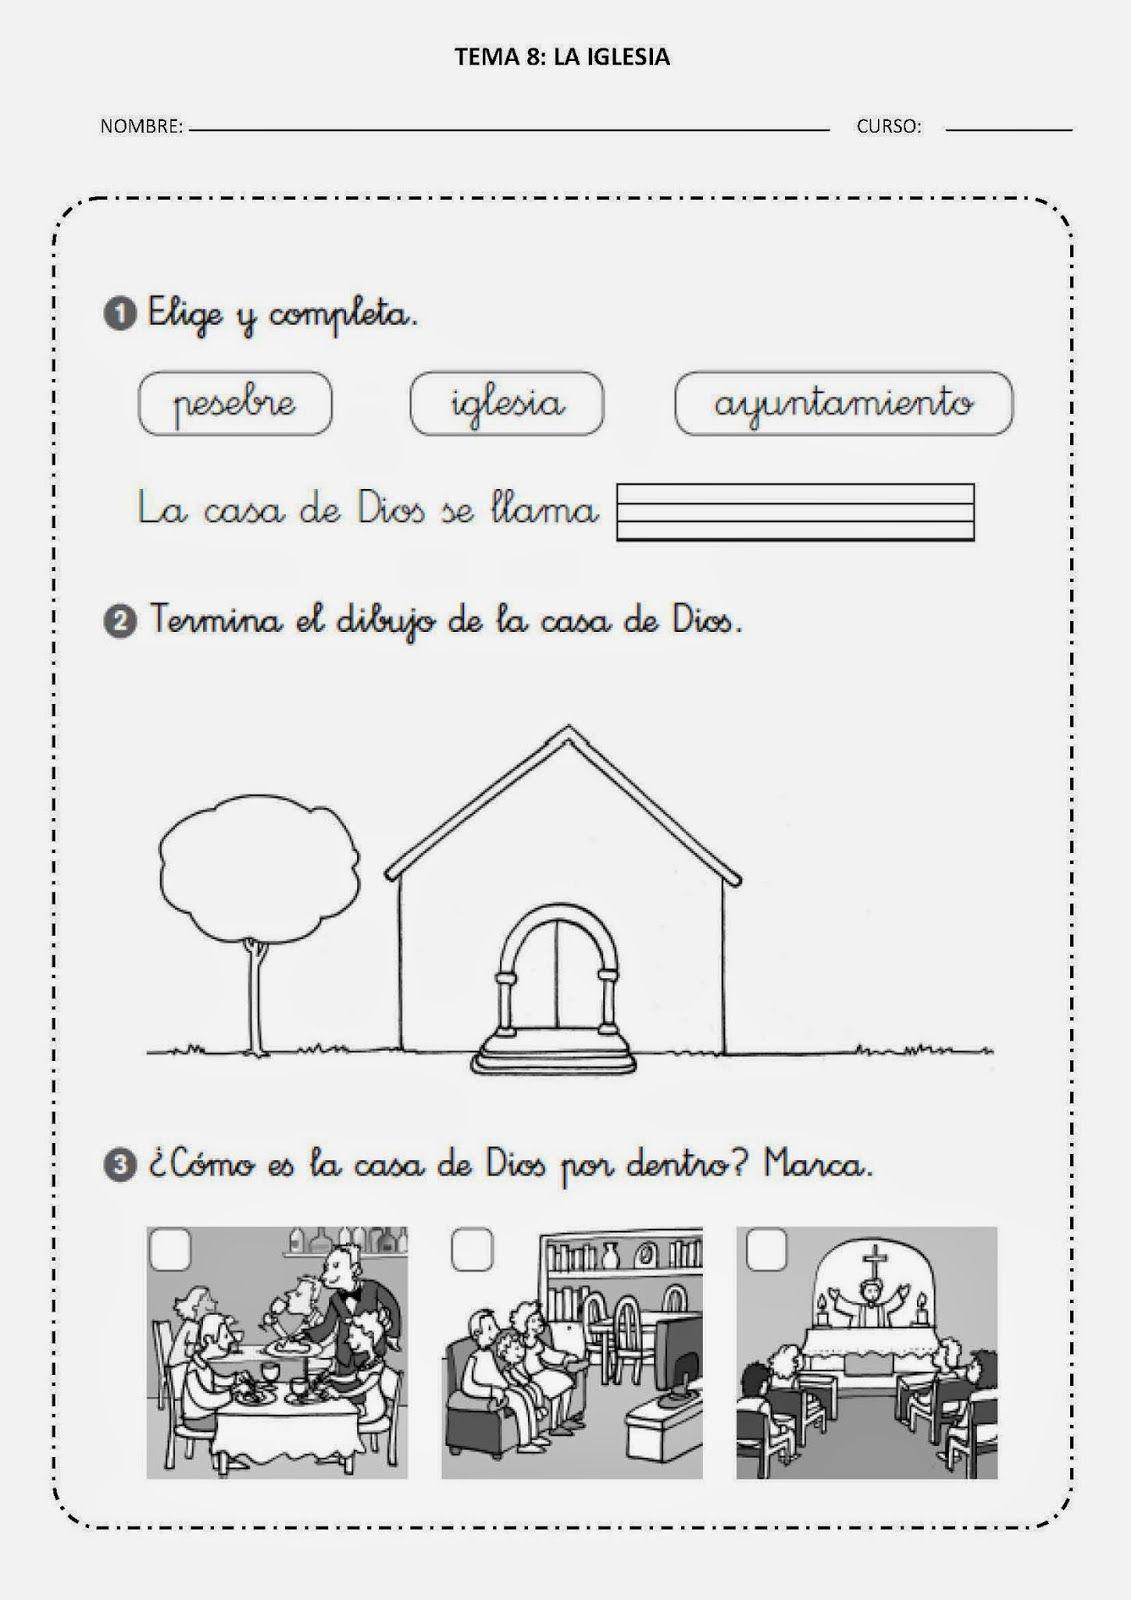 Os Dejo La Segunda Ficha De Este Tema Ficha 2 Explicar Cómo Es La Iglesia Por Dentro Y P Enseñanza Religiosa Educación Religiosa Católica Educación Religiosa